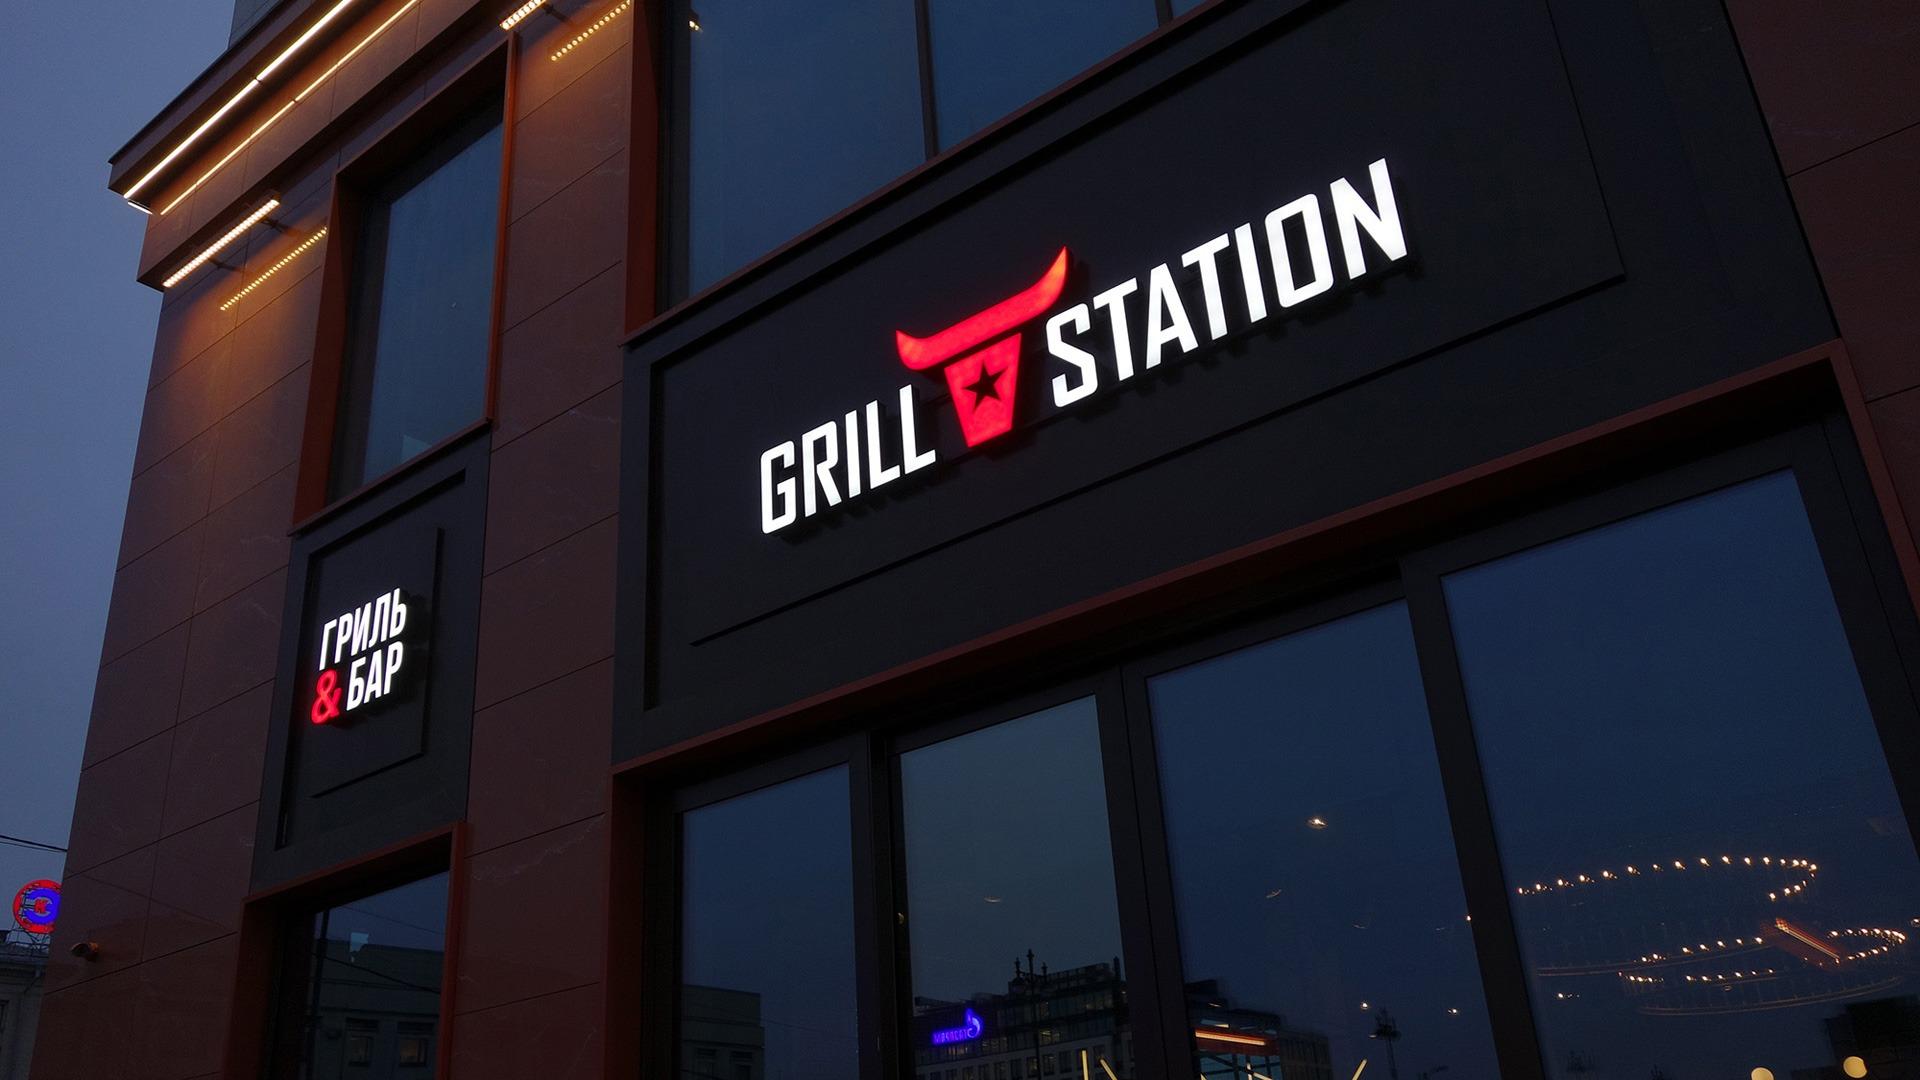 брендинг ресторана Grill Station, Asgard Branding, Grill Station restaurant, logo design